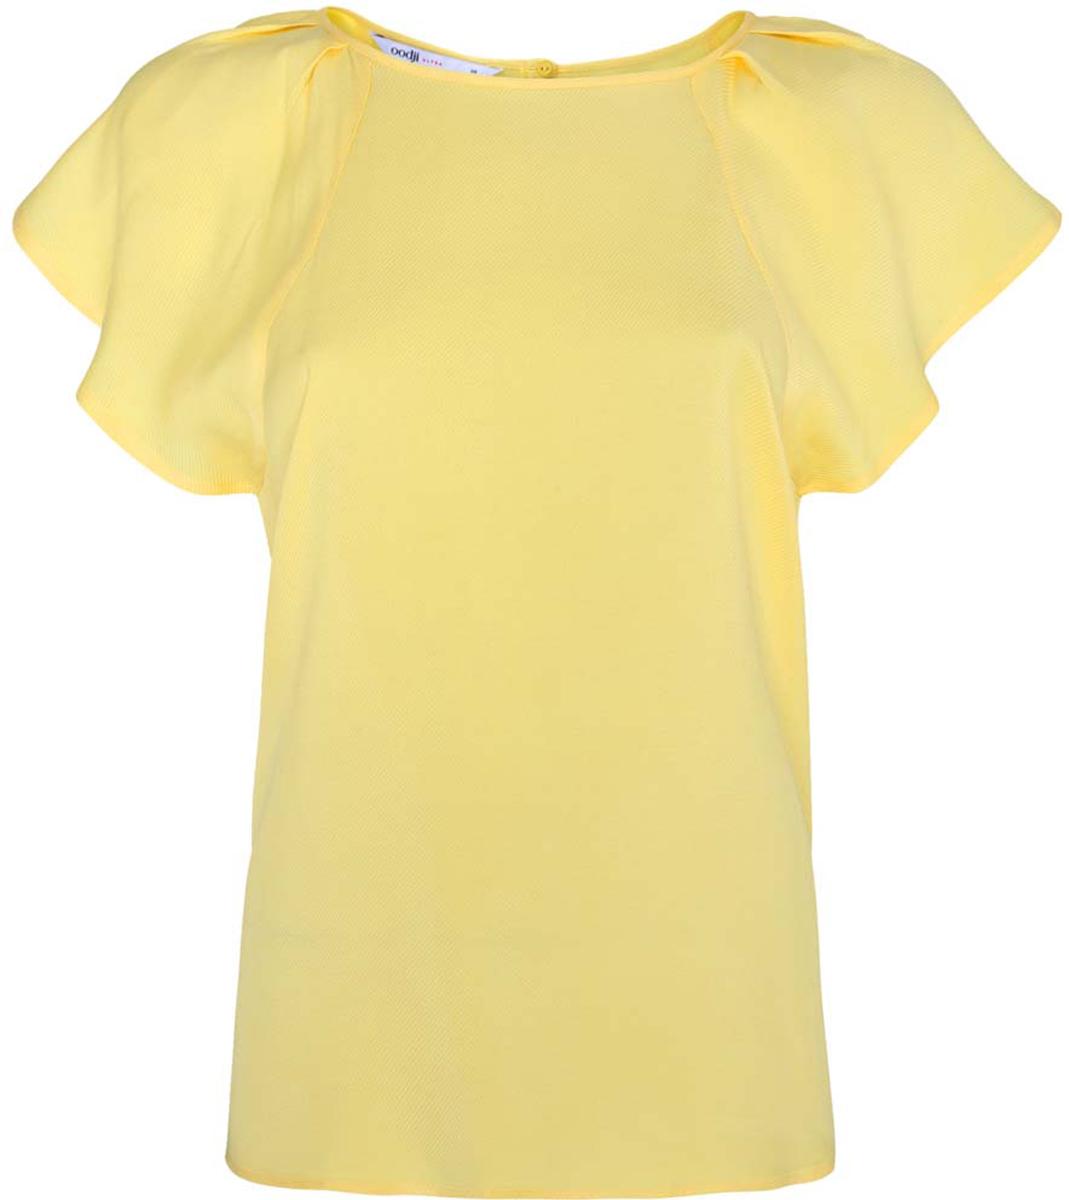 Блузка женская oodji Ultra, цвет: желтый. 11411106/45542/5200N. Размер 34-170 (40-170)11411106/45542/5200NЖенская блузка oodji Ultra выполнена из вискозы. Модель с круглым вырезом горловины и рукавами-крылышками, на спинке застегивается на пуговицу.